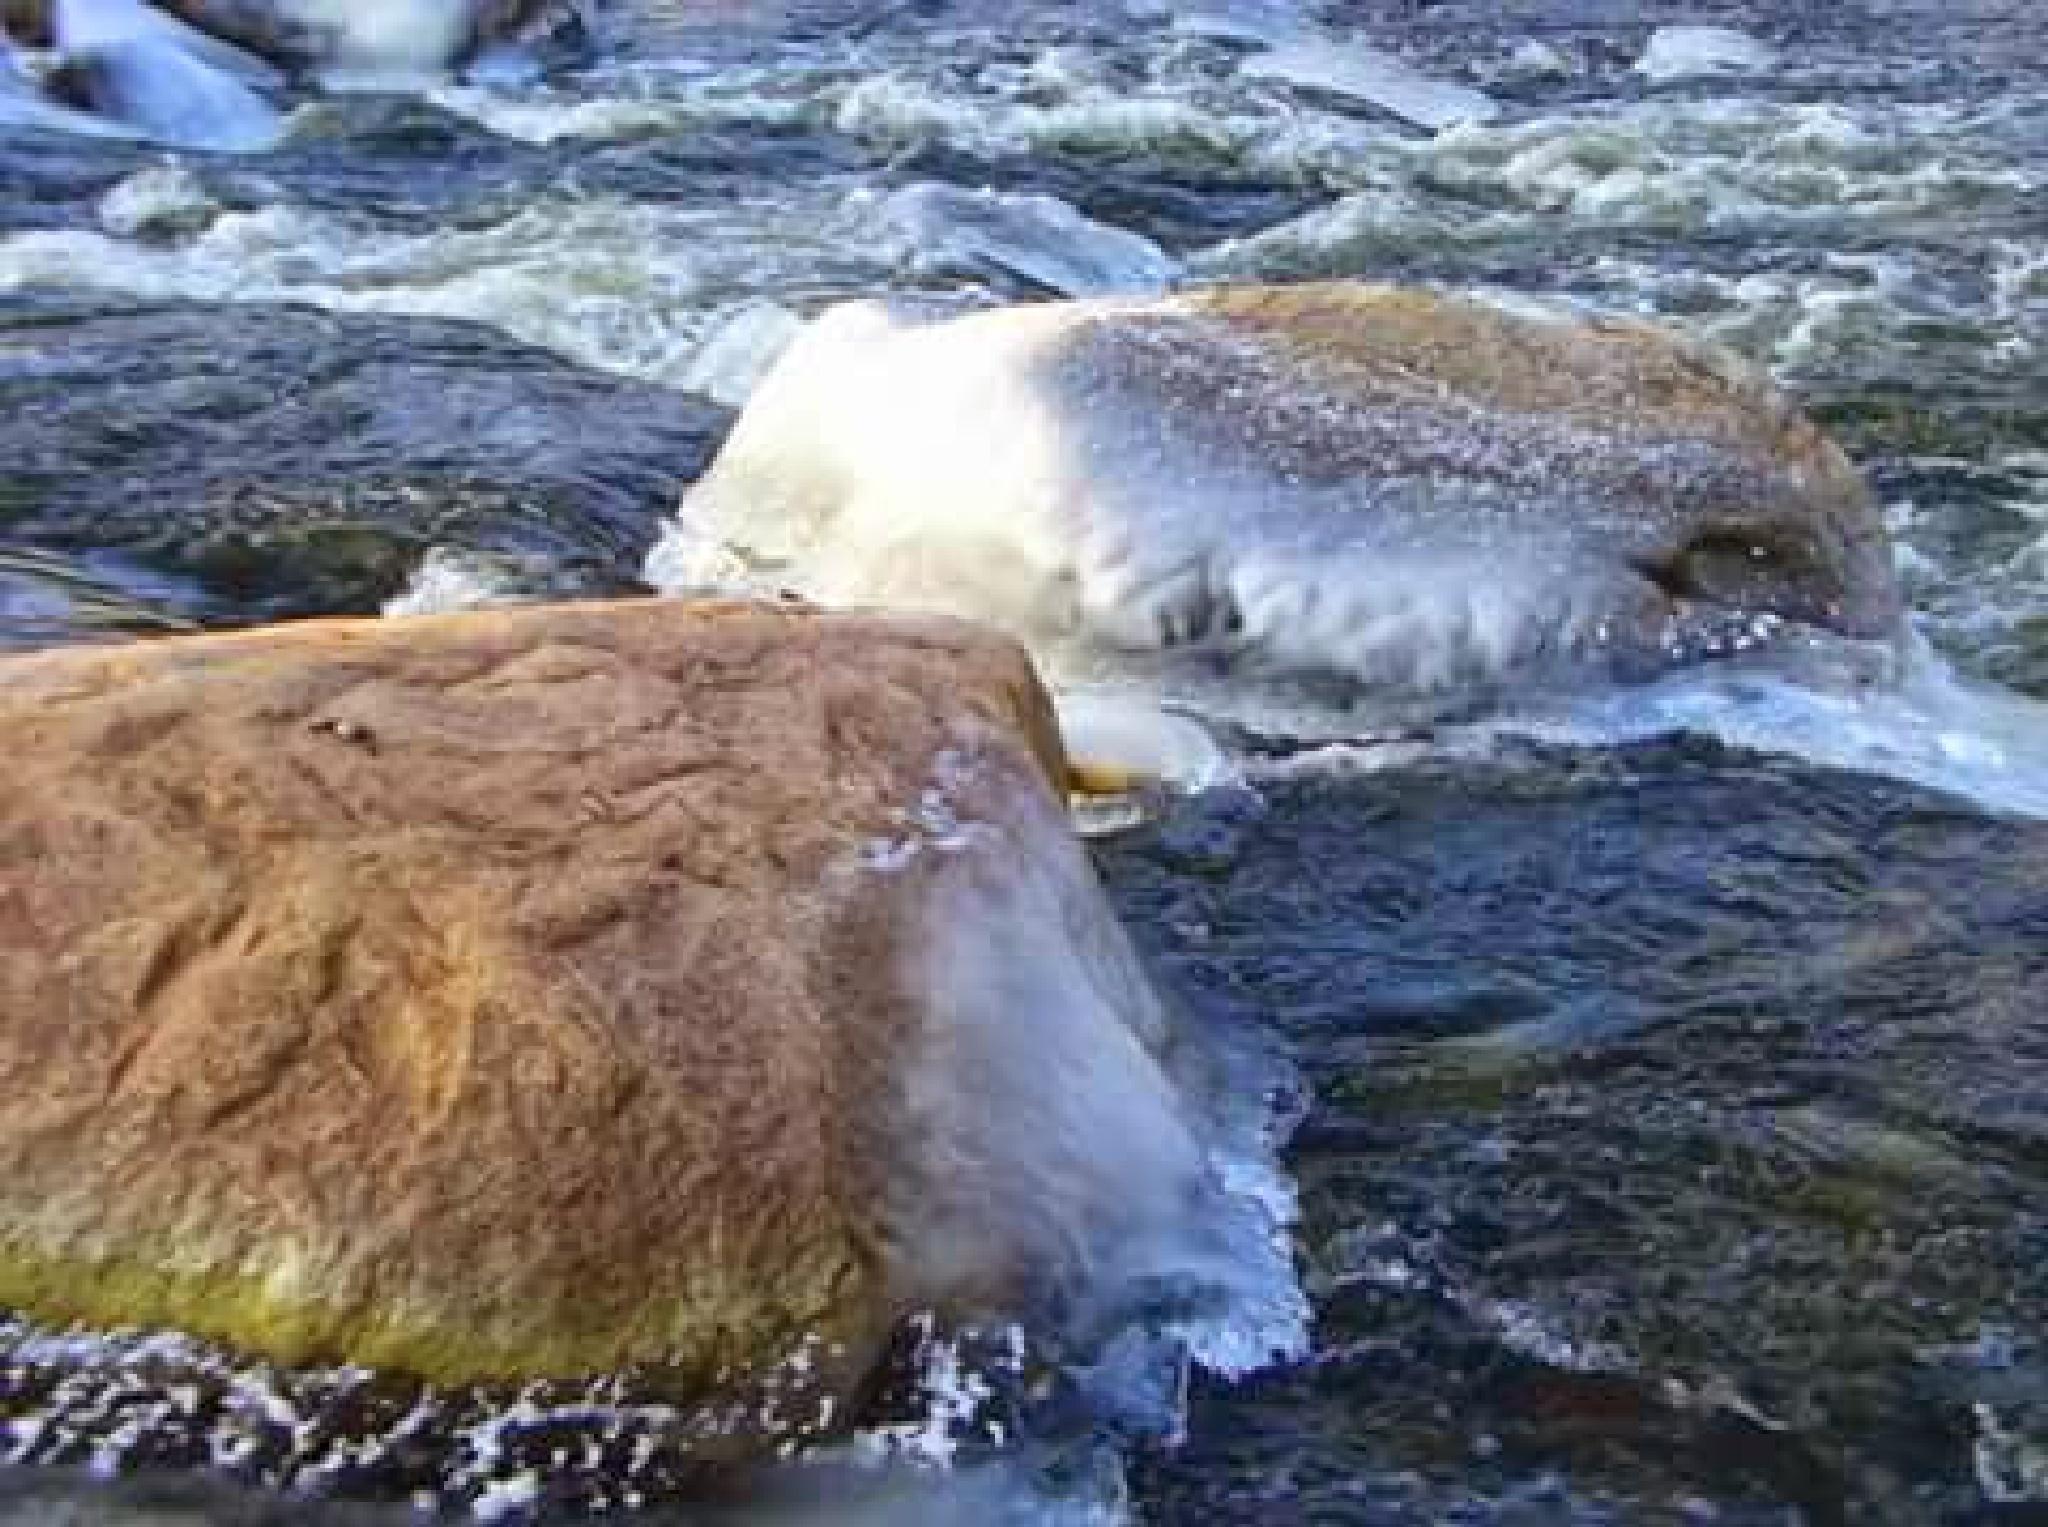 River in winter by uzkuraitiene62